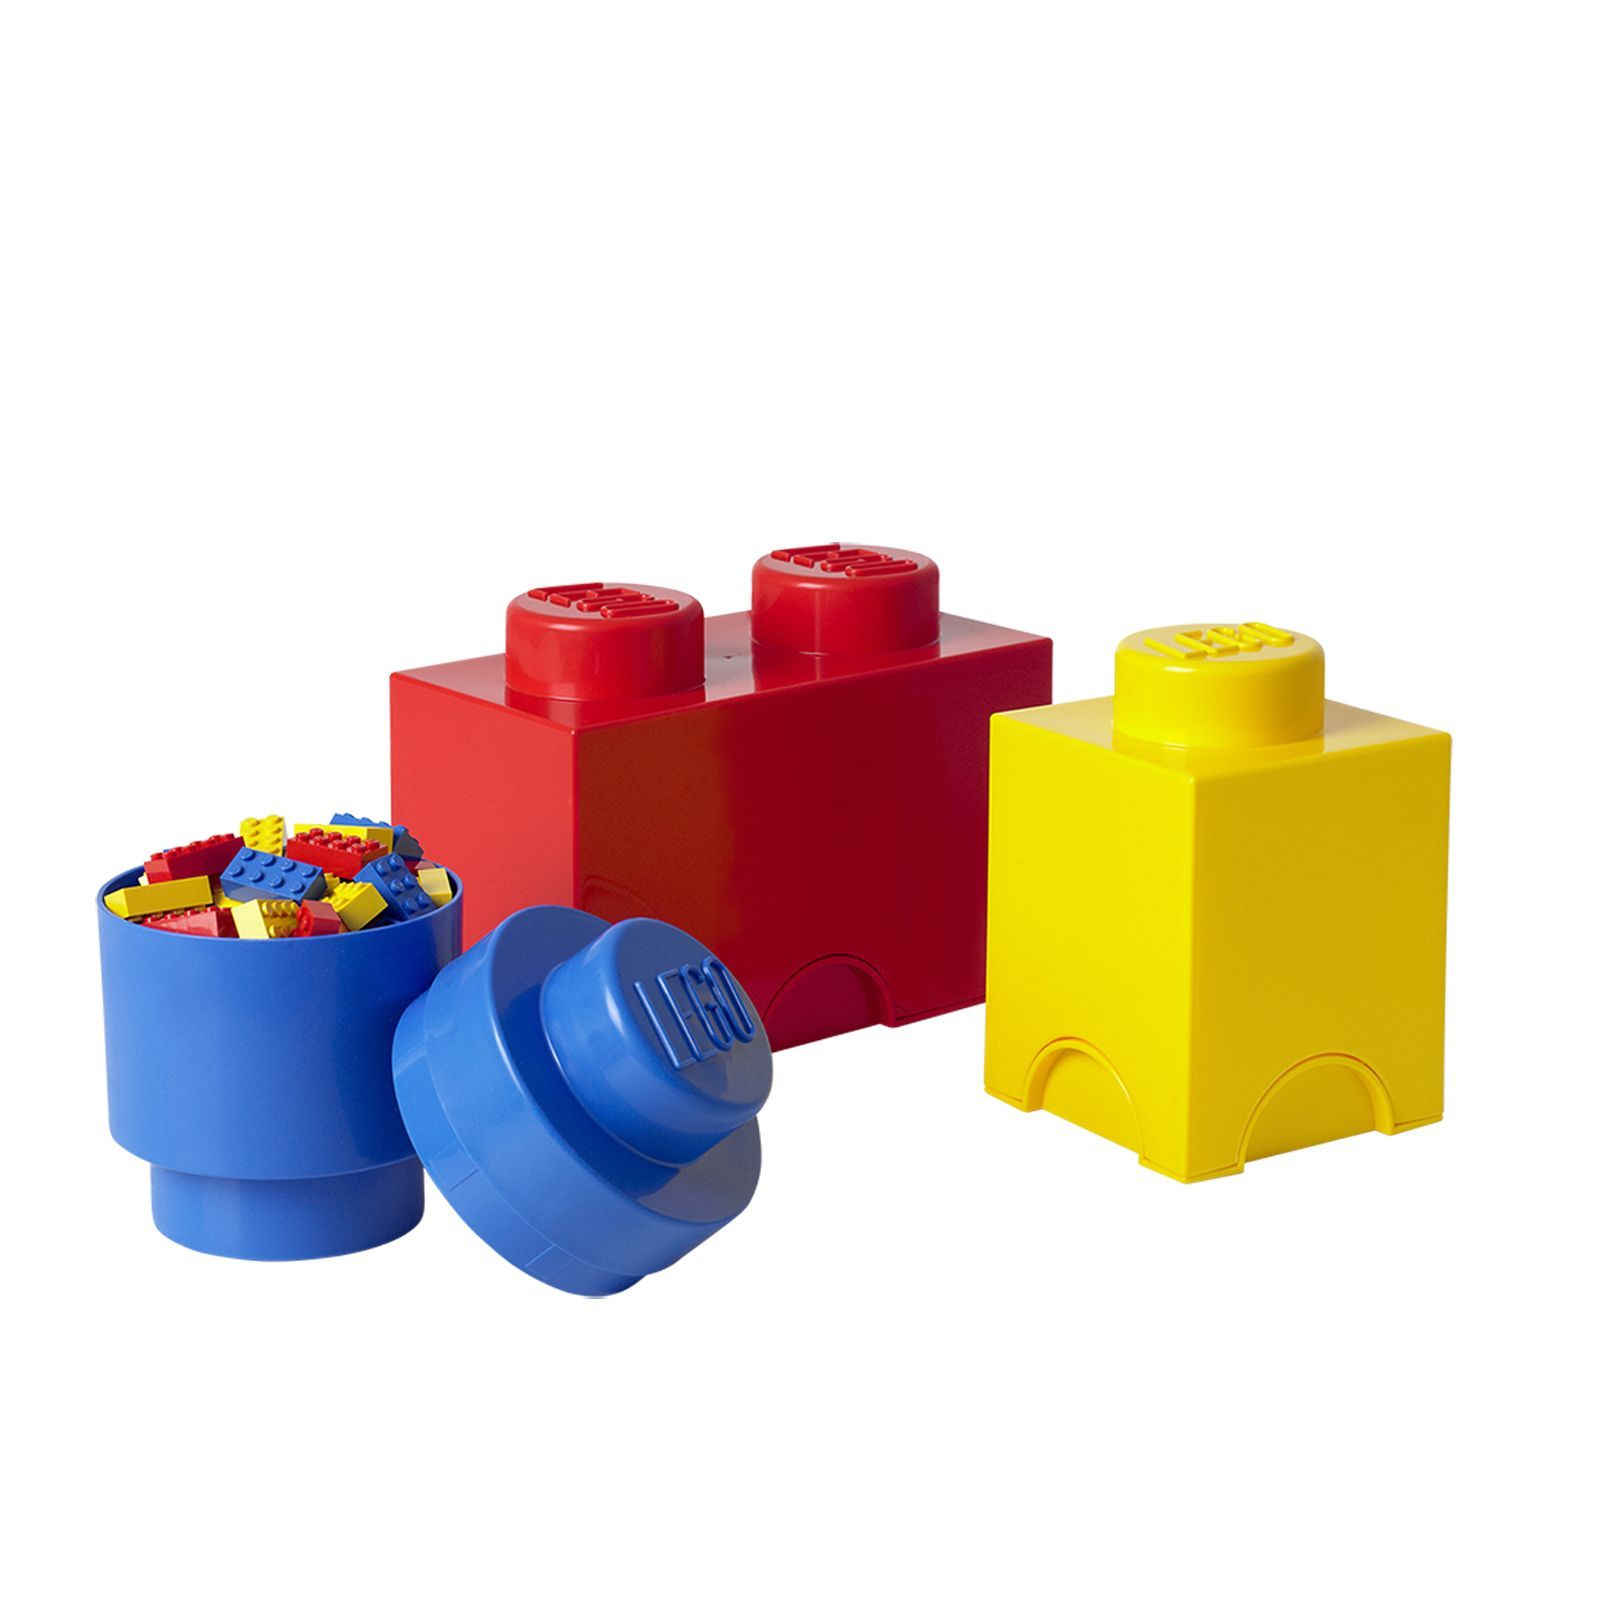 LEGO Storage Brick 3 piece Multi Pack by LEGO Lego storage brick